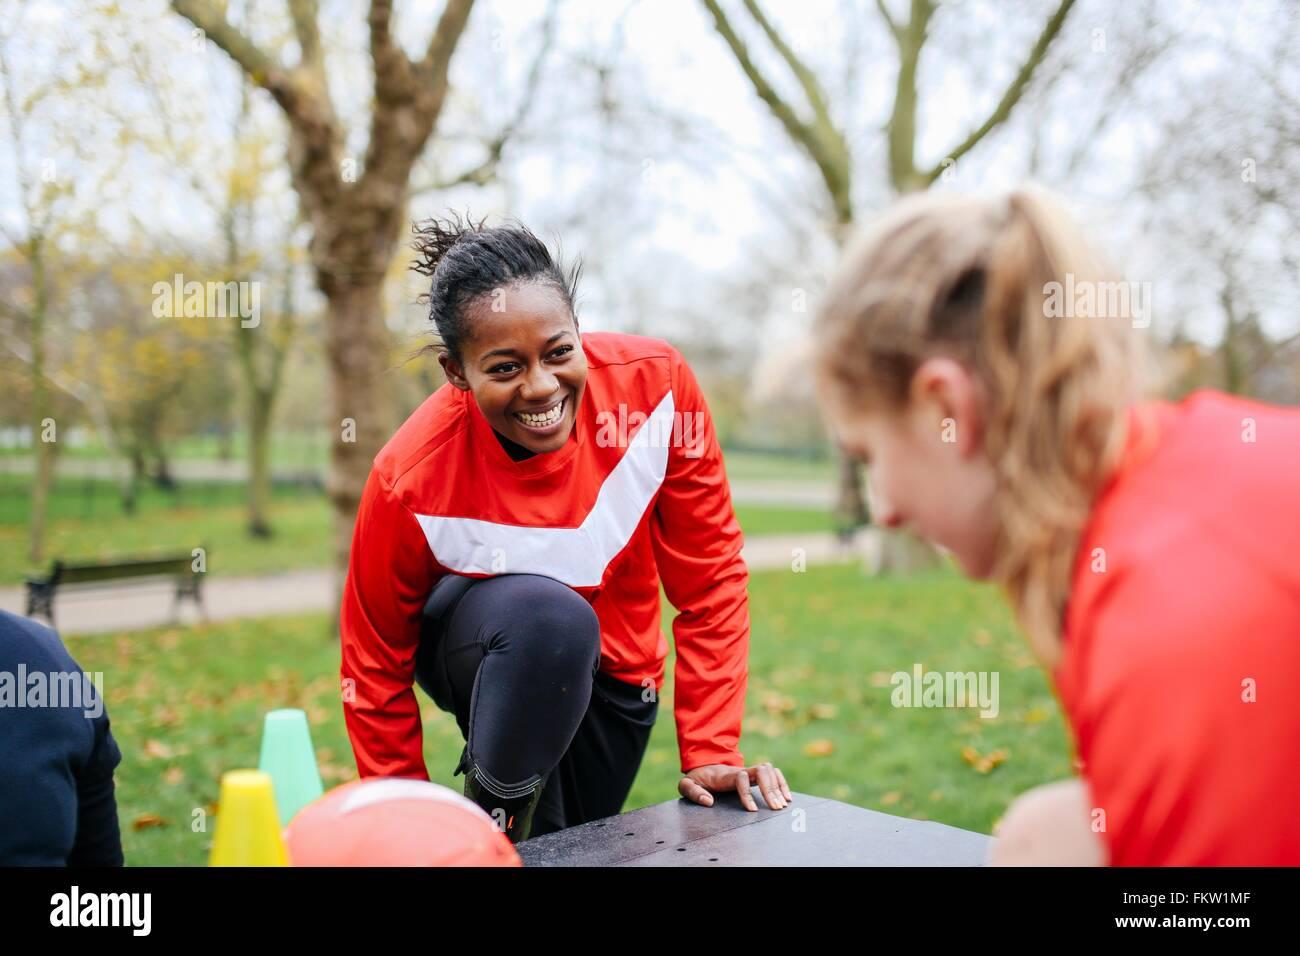 Femelle adulte joueurs de football prépare à jouer au football dans le parc Photo Stock